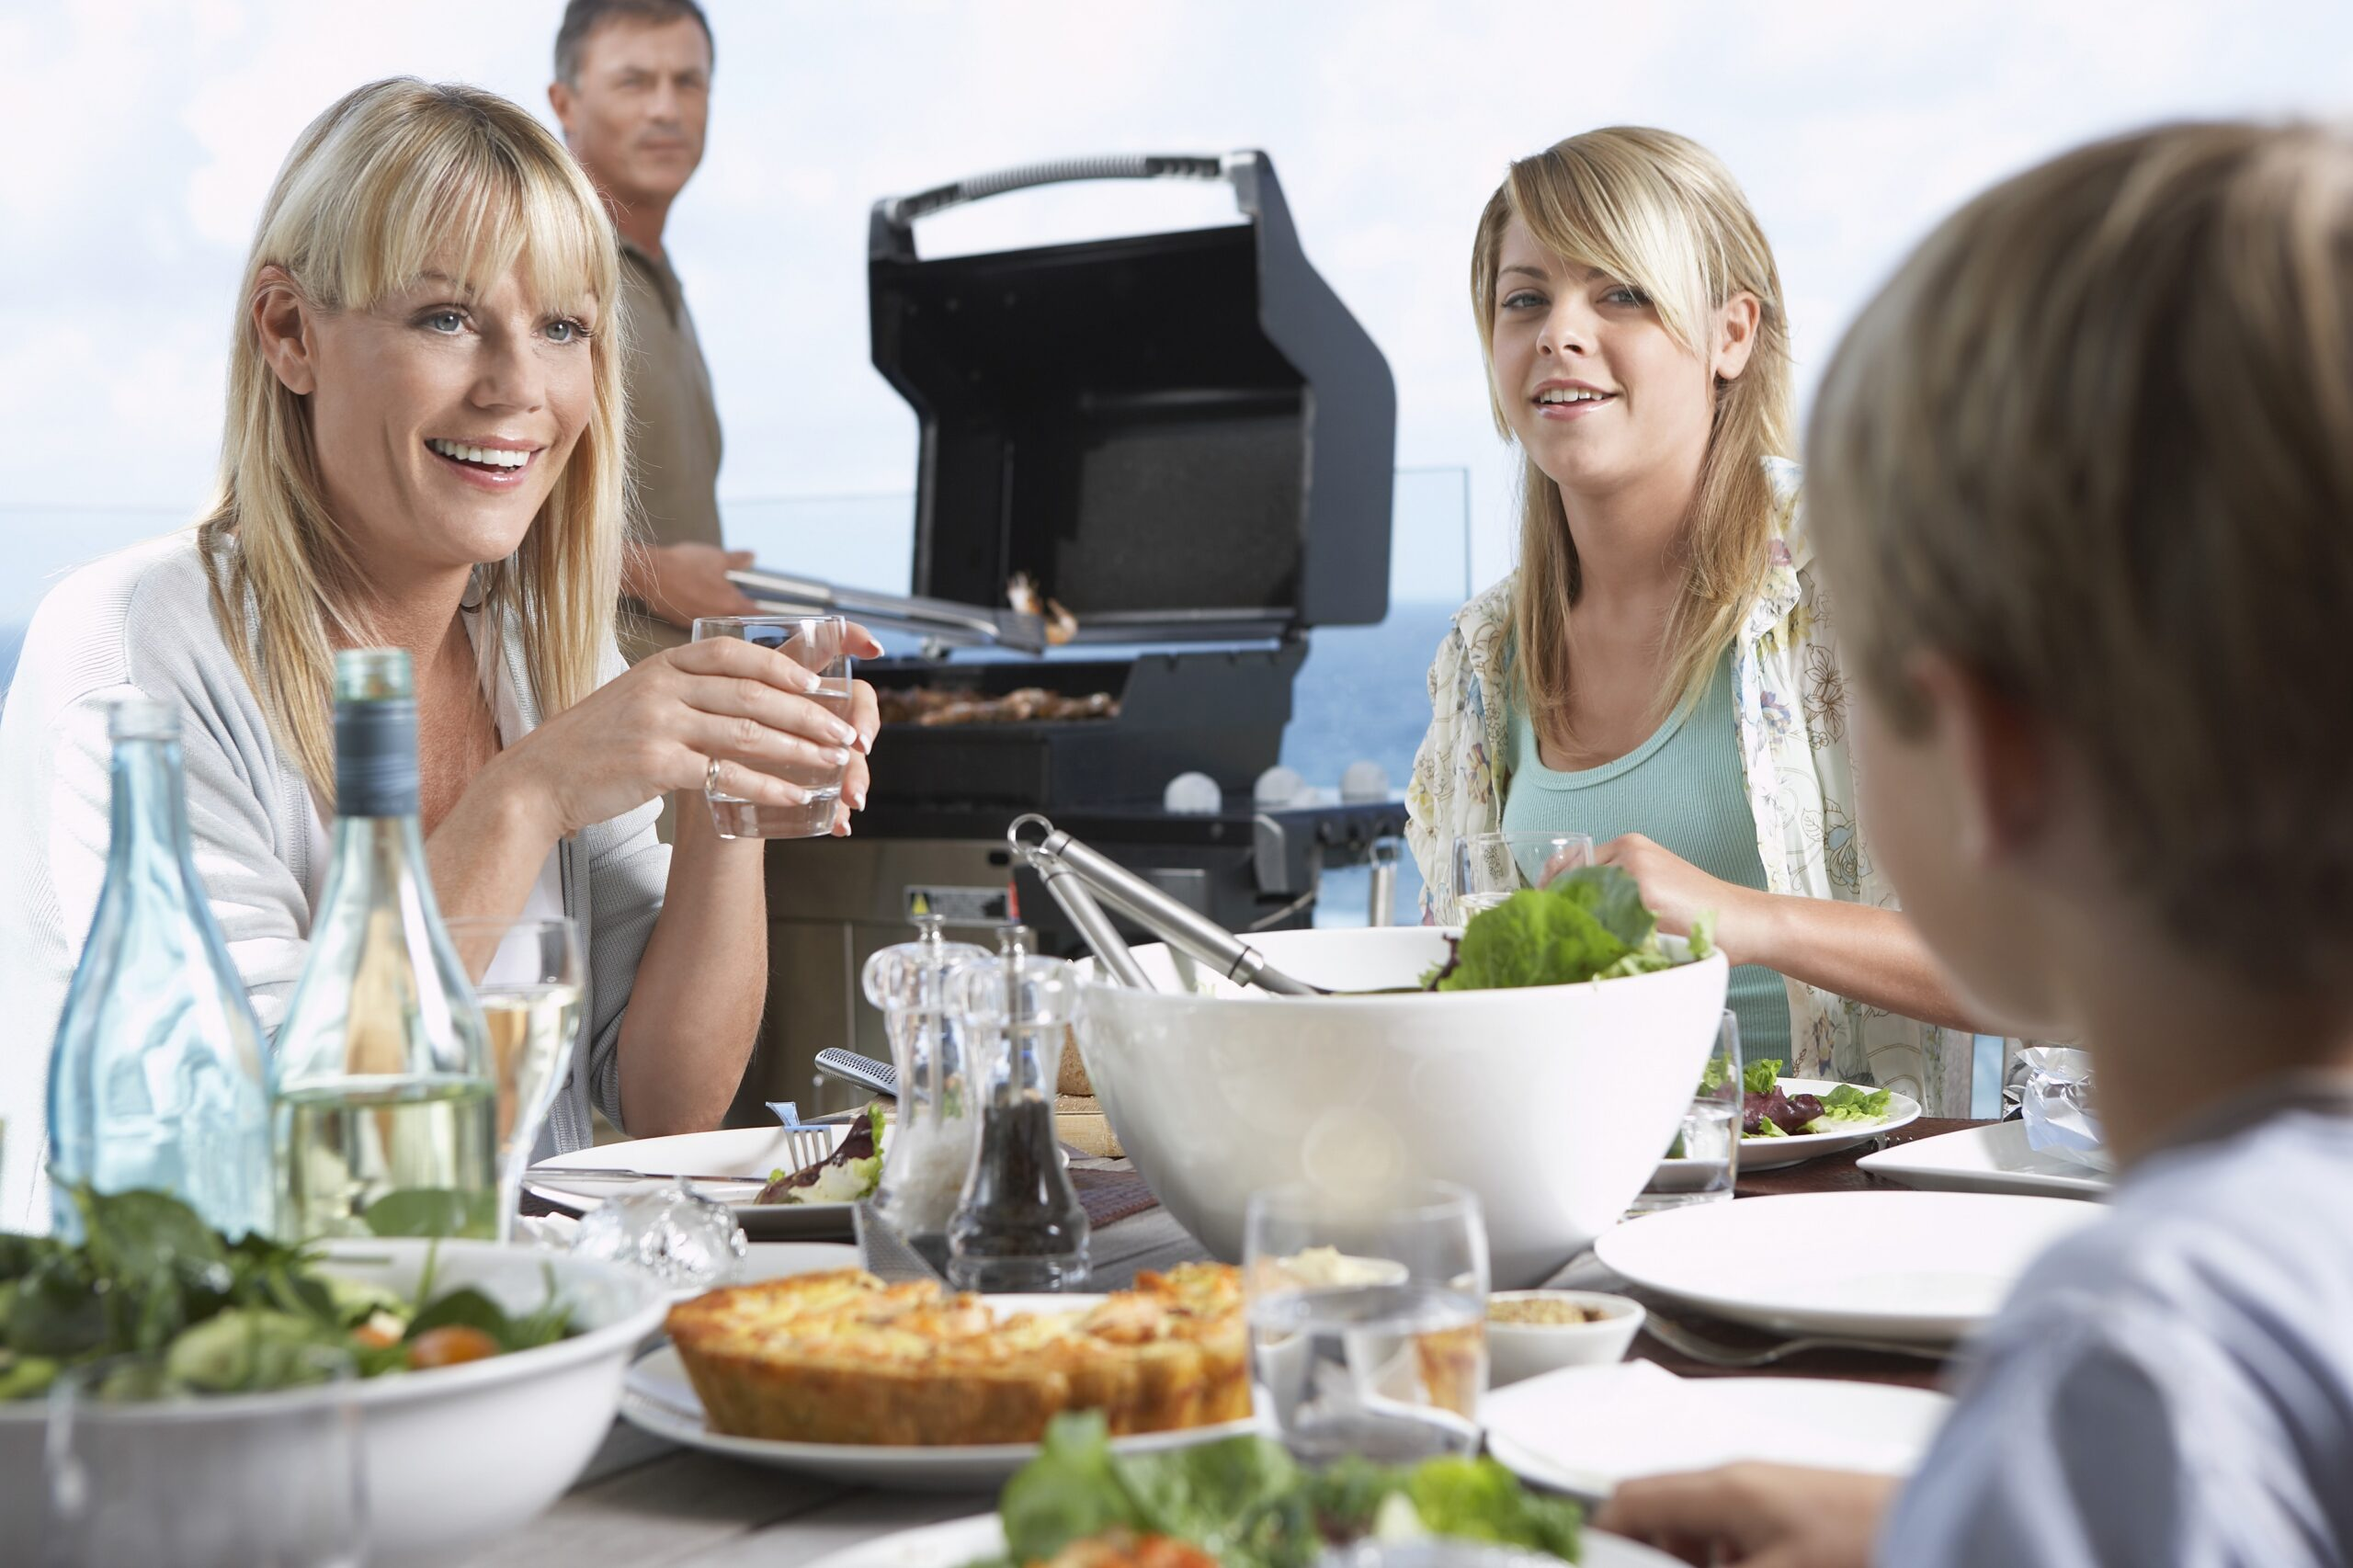 przyjęcie rodzinne z grillem gastronomicznym